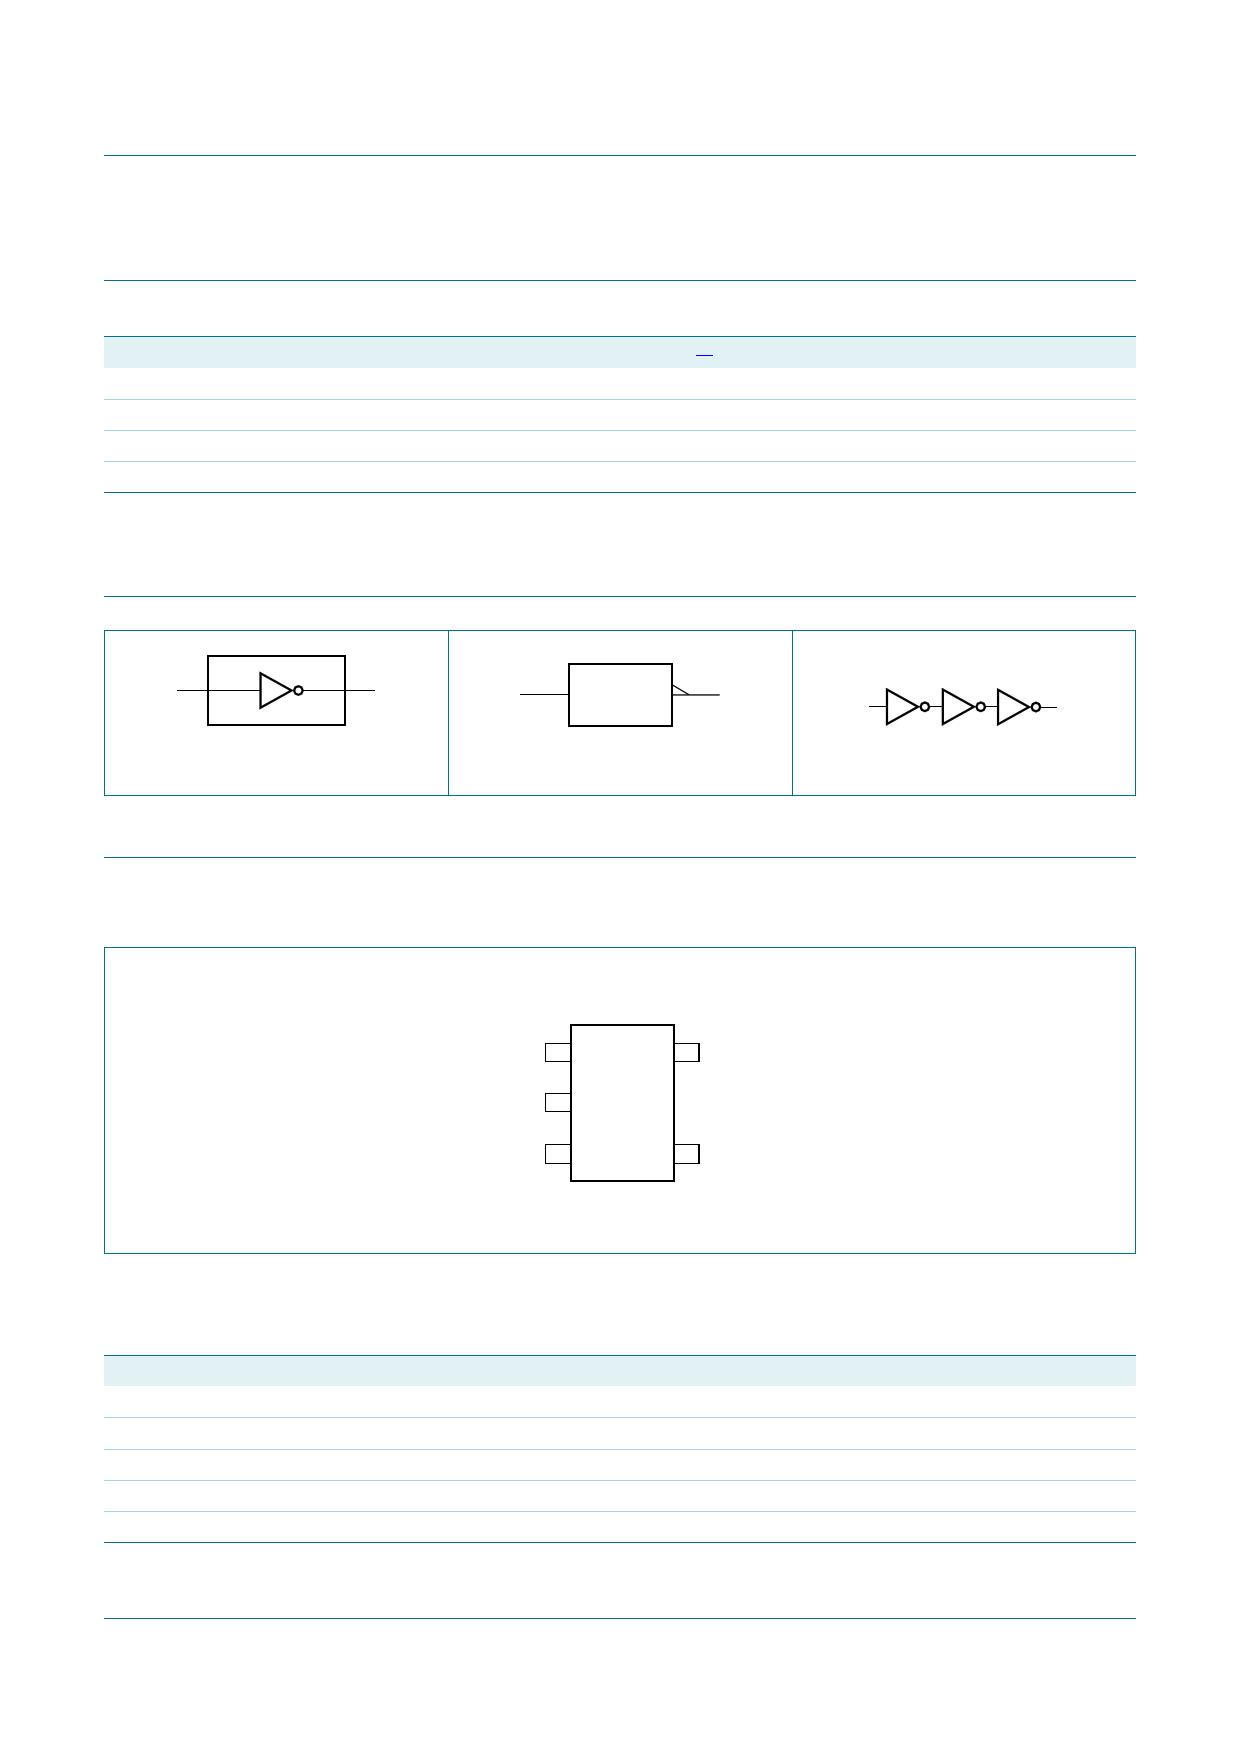 74HC1G04GV pdf, schematic